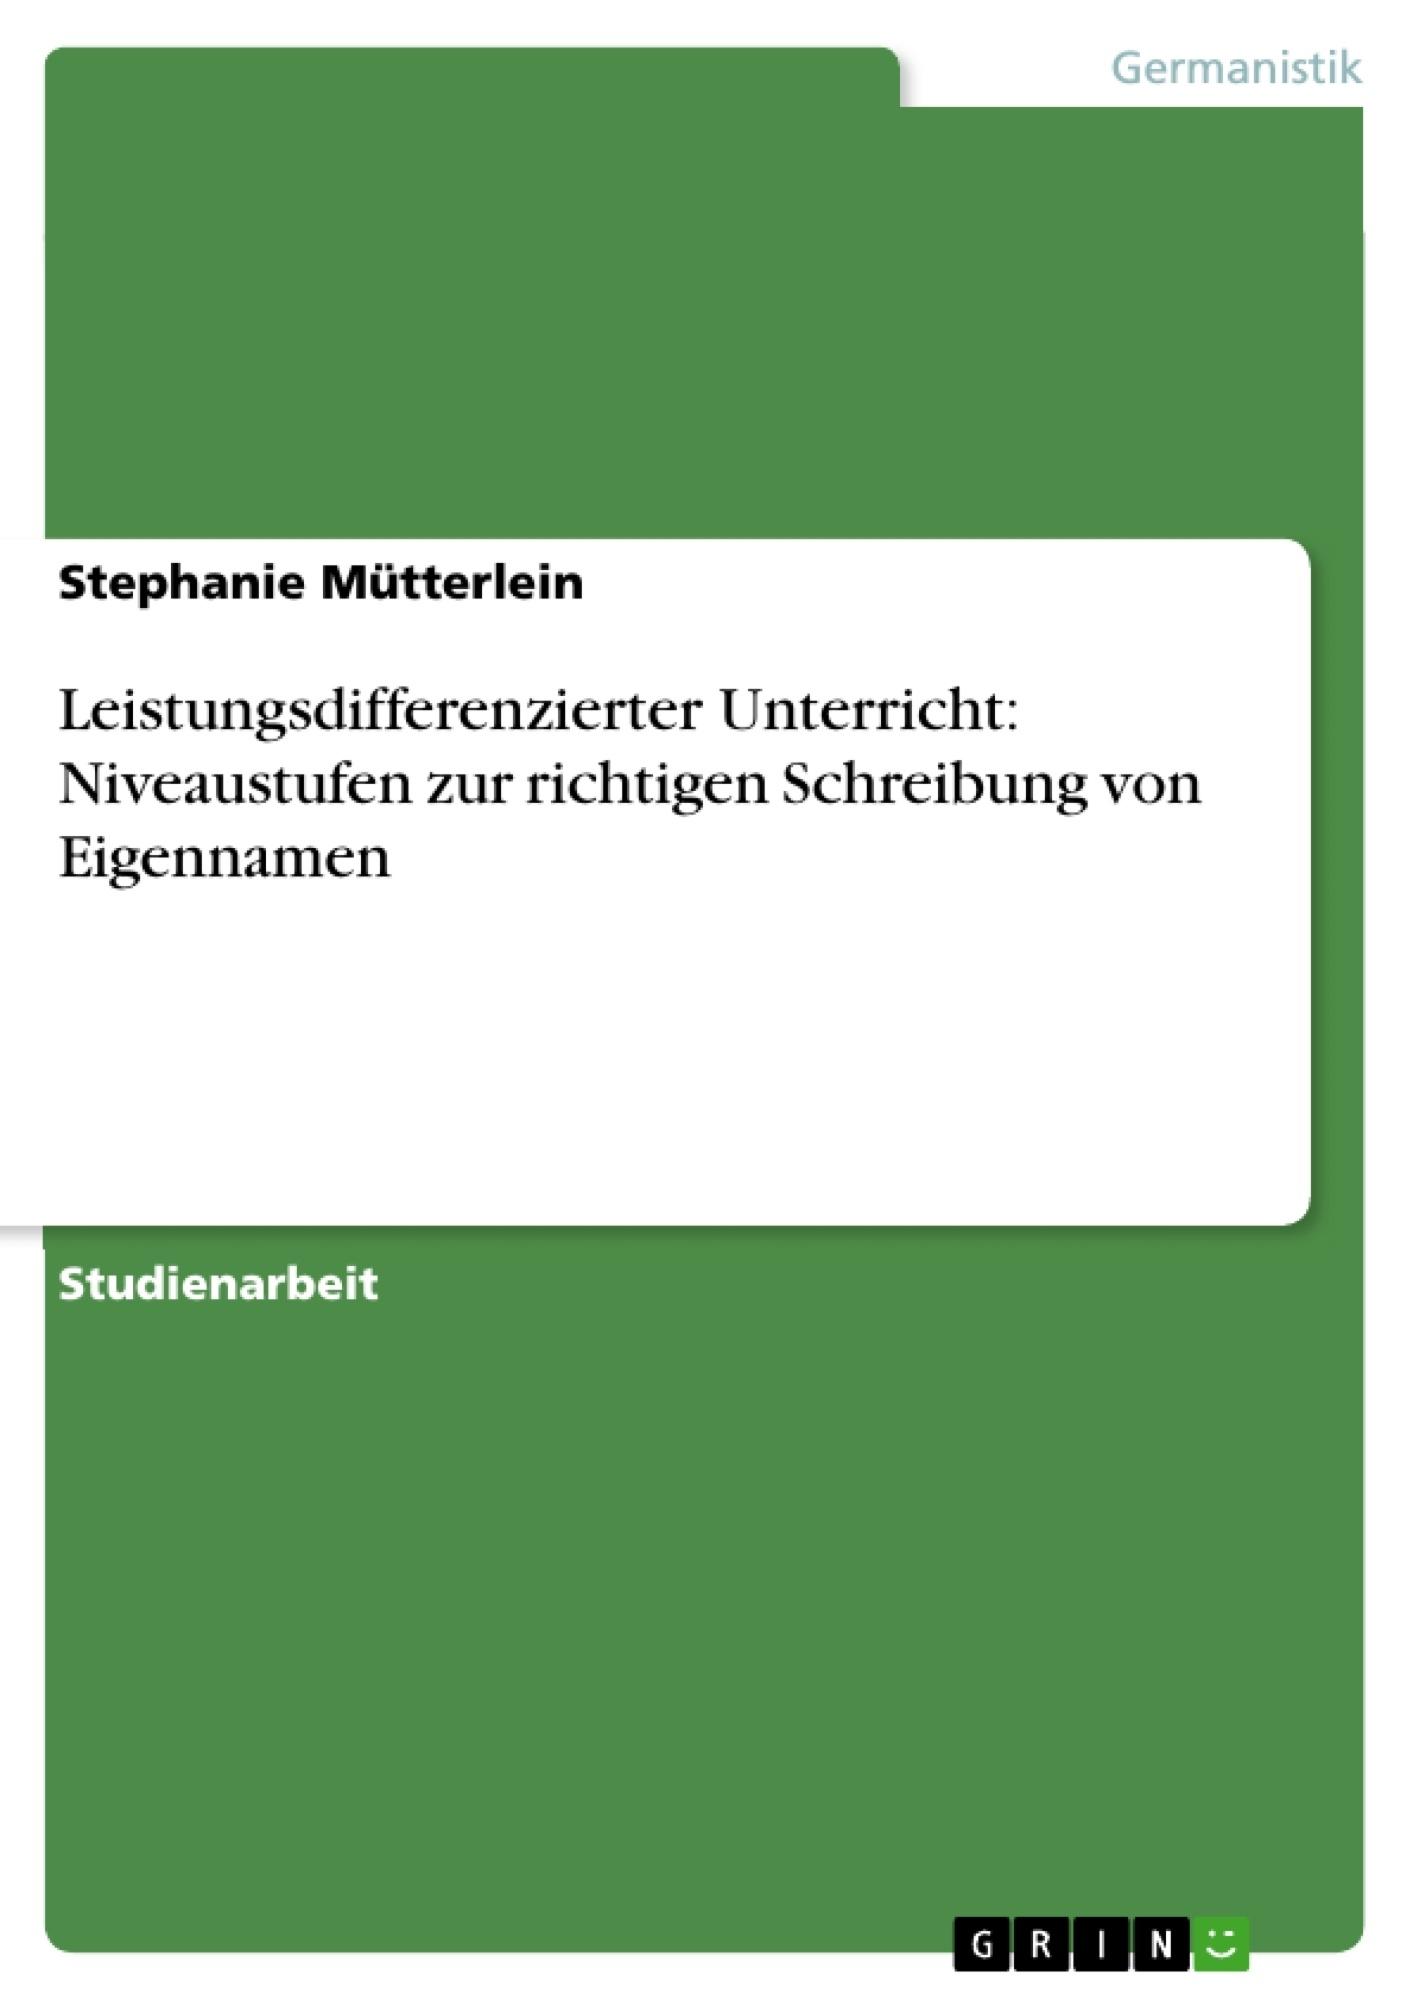 Titel: Leistungsdifferenzierter Unterricht: Niveaustufen zur richtigen Schreibung von Eigennamen